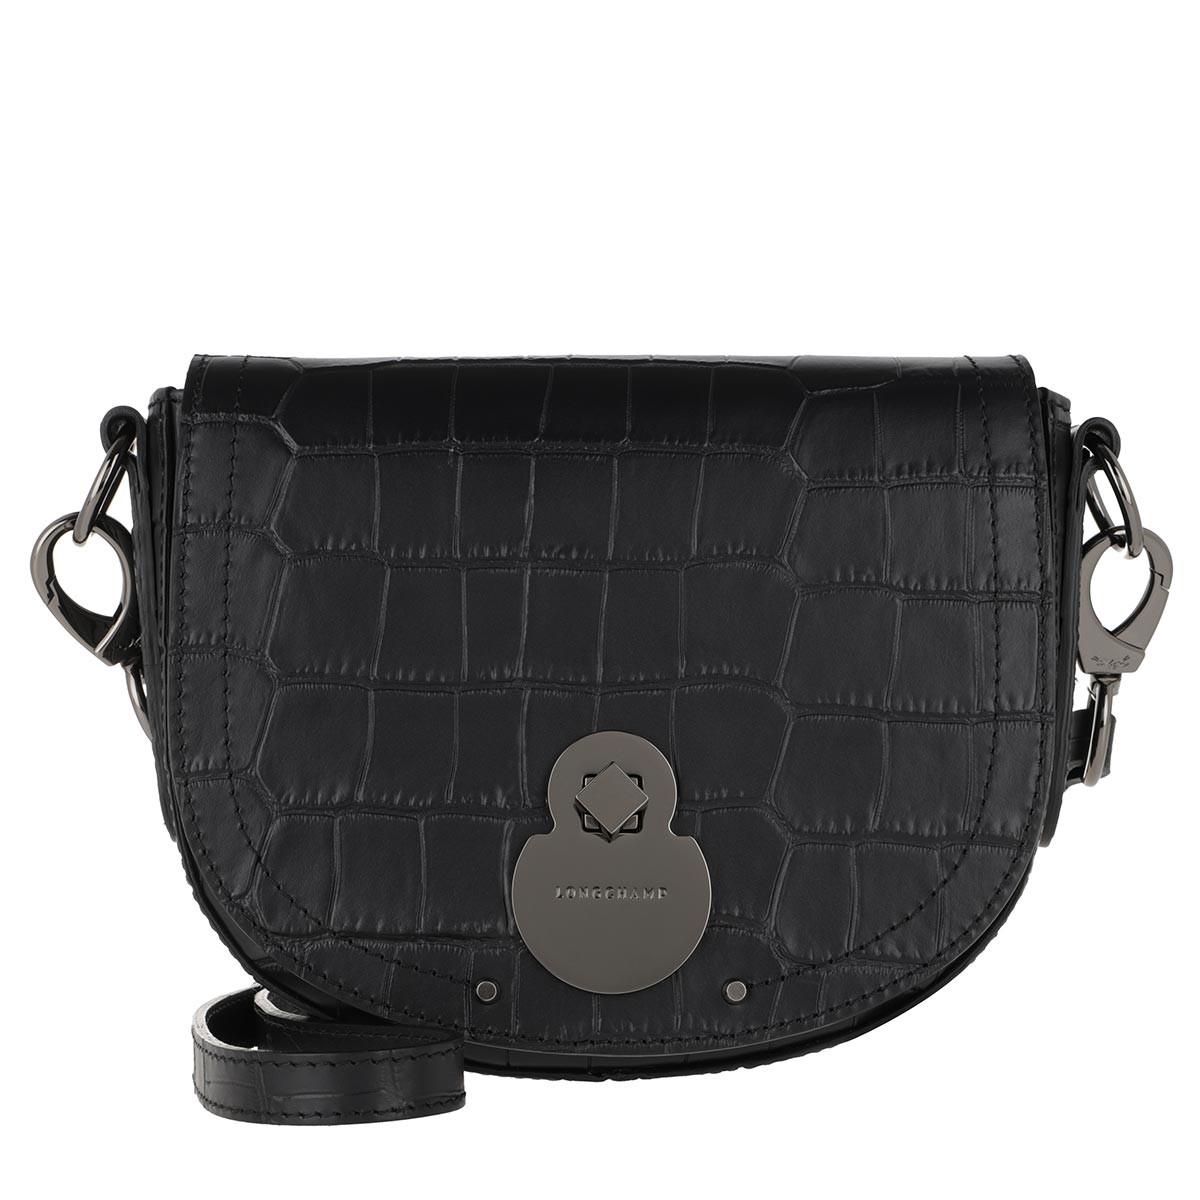 Longchamp Umhängetasche - Cavalcade Croco Bag Black - in schwarz - für Damen